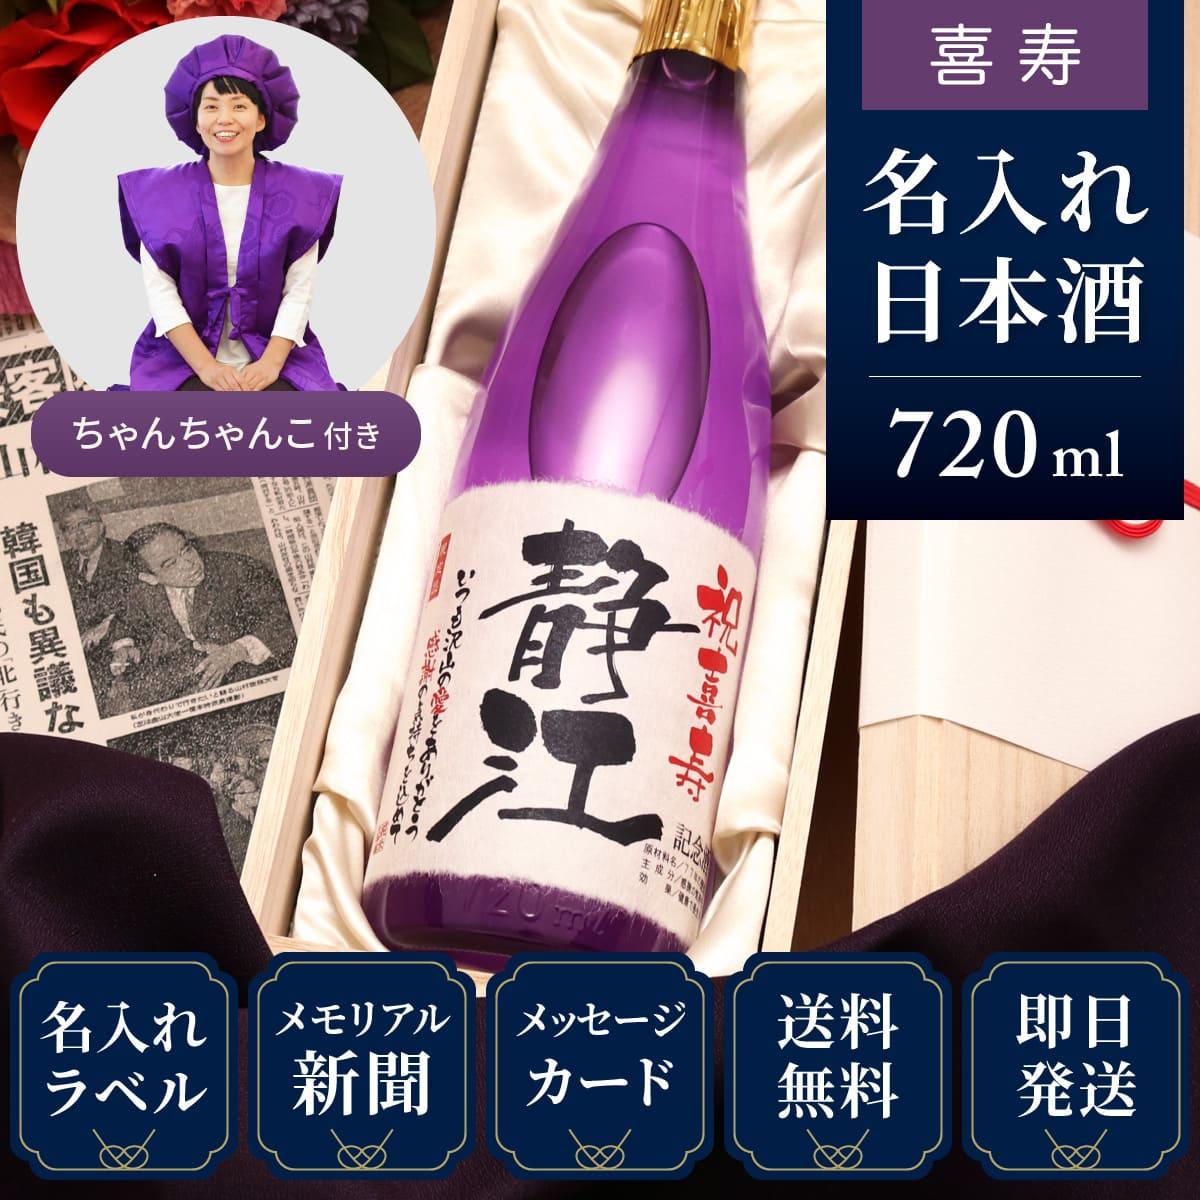 喜寿ちゃんちゃんこ(日本製)と紫瓶セット「紫式部」720ml(日本酒)